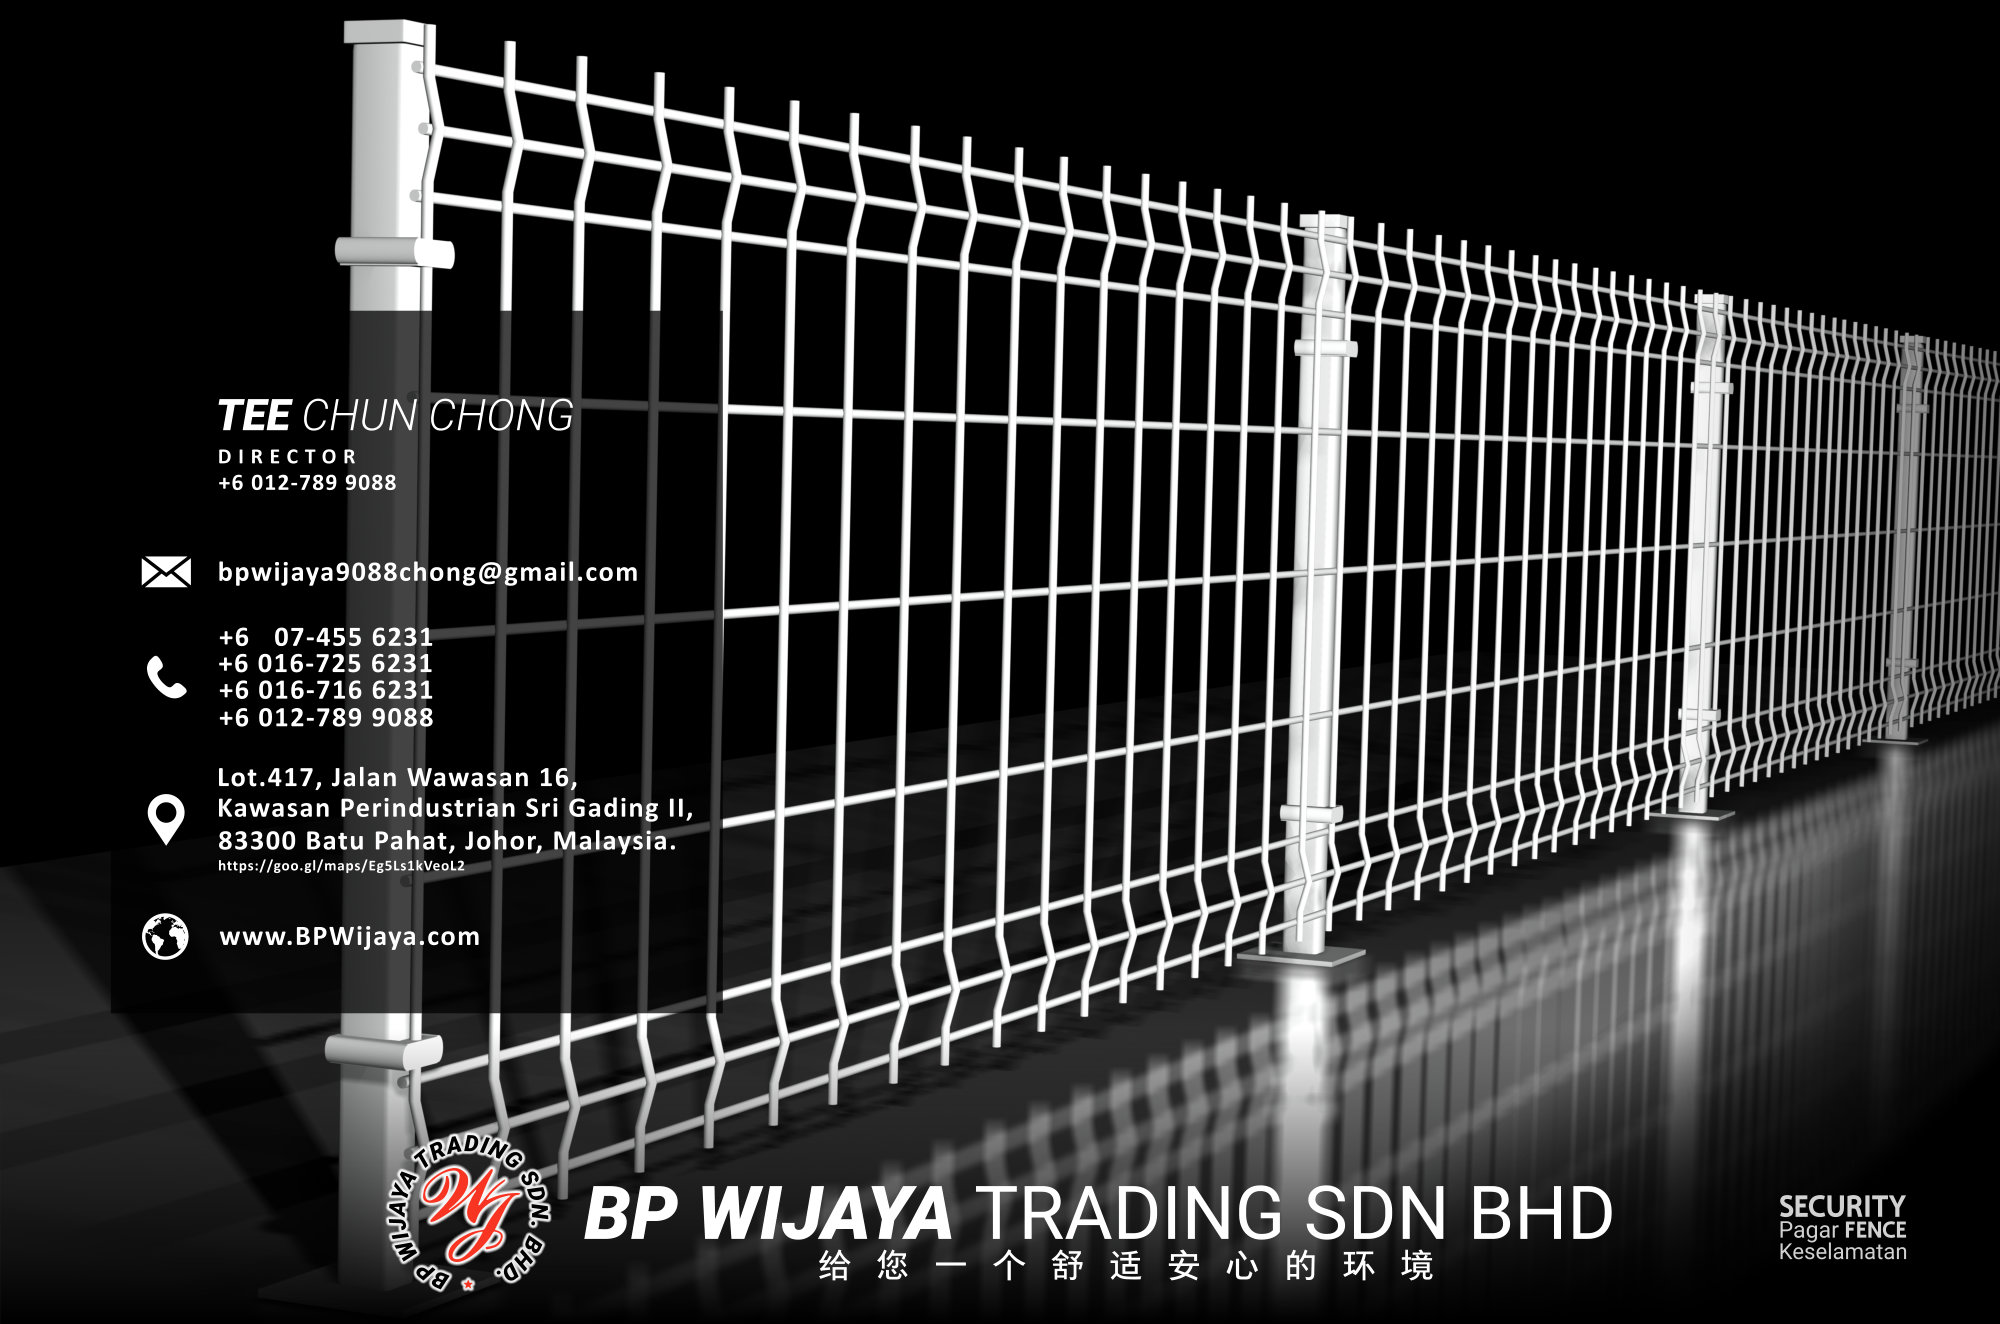 吉隆坡安全篱笆供应商 - 我们是安全篱笆制造商 BP Wijaya Trading Sdn Bhd 住家围栏篱笆 提供 吉隆坡篱笆 建筑材料 给 发展商 花园 公寓 住家 工厂 农场 果园 安全藩篱 建设 A03-028